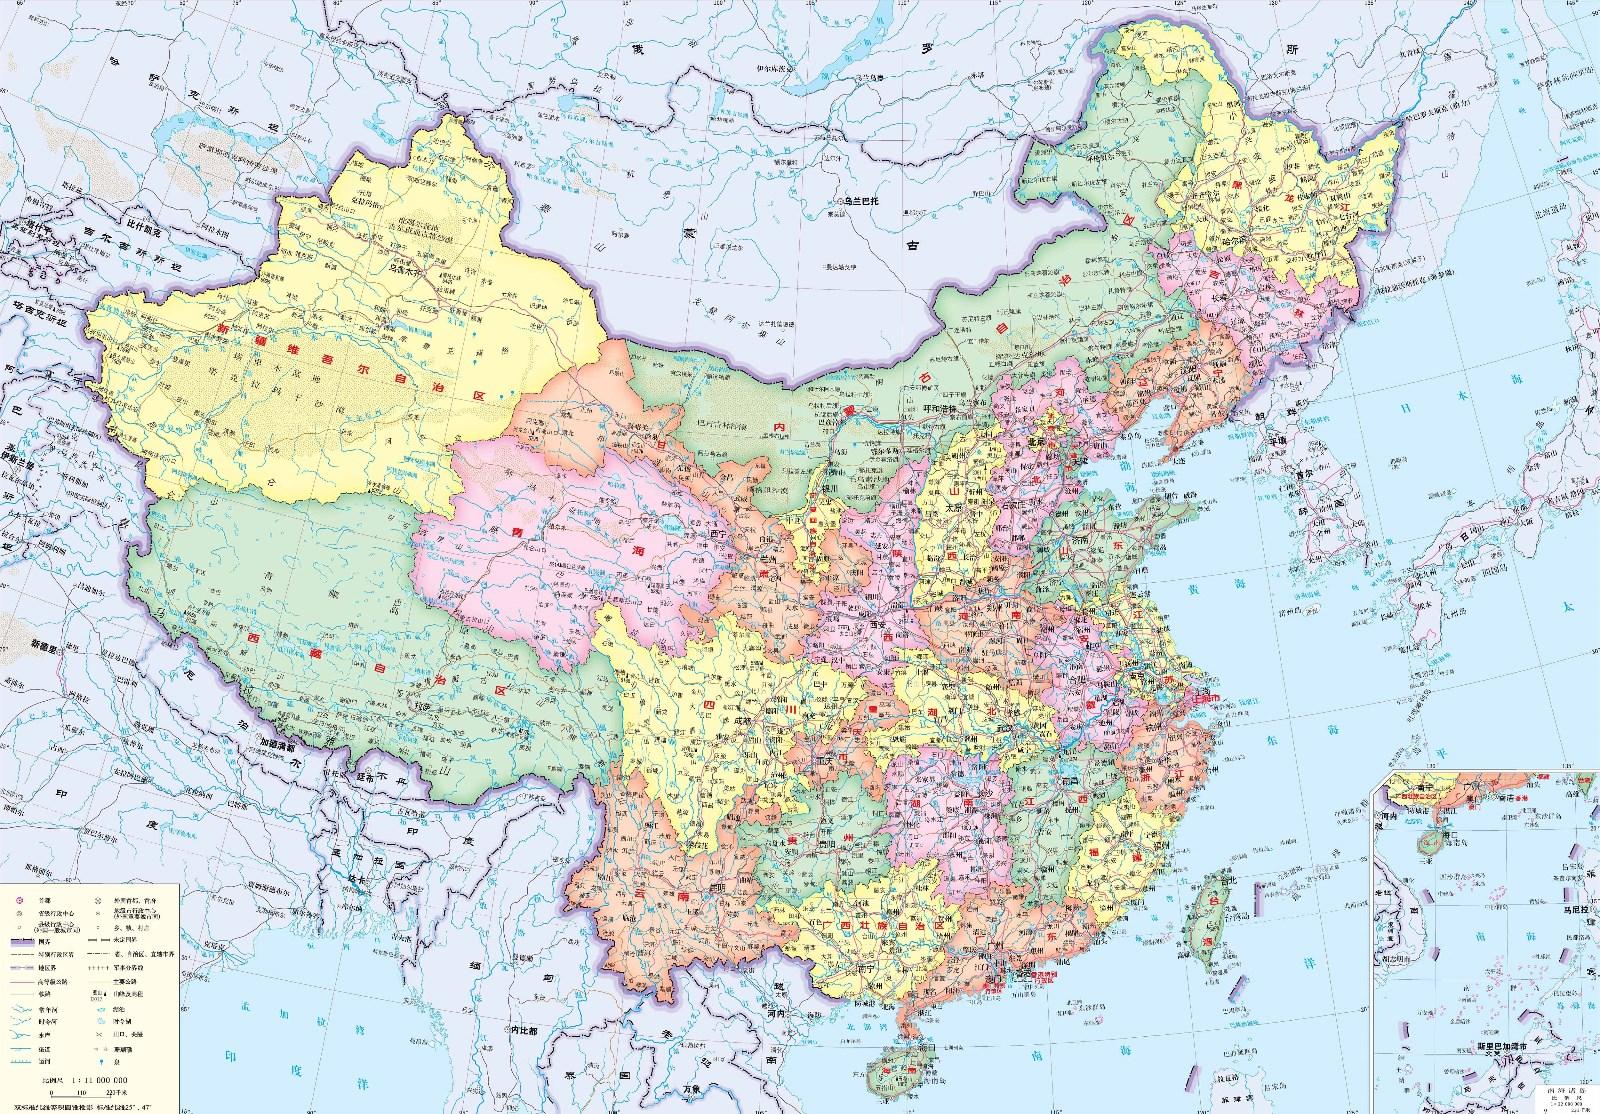 中国地图全图_中国地图高清版大图_百度知道